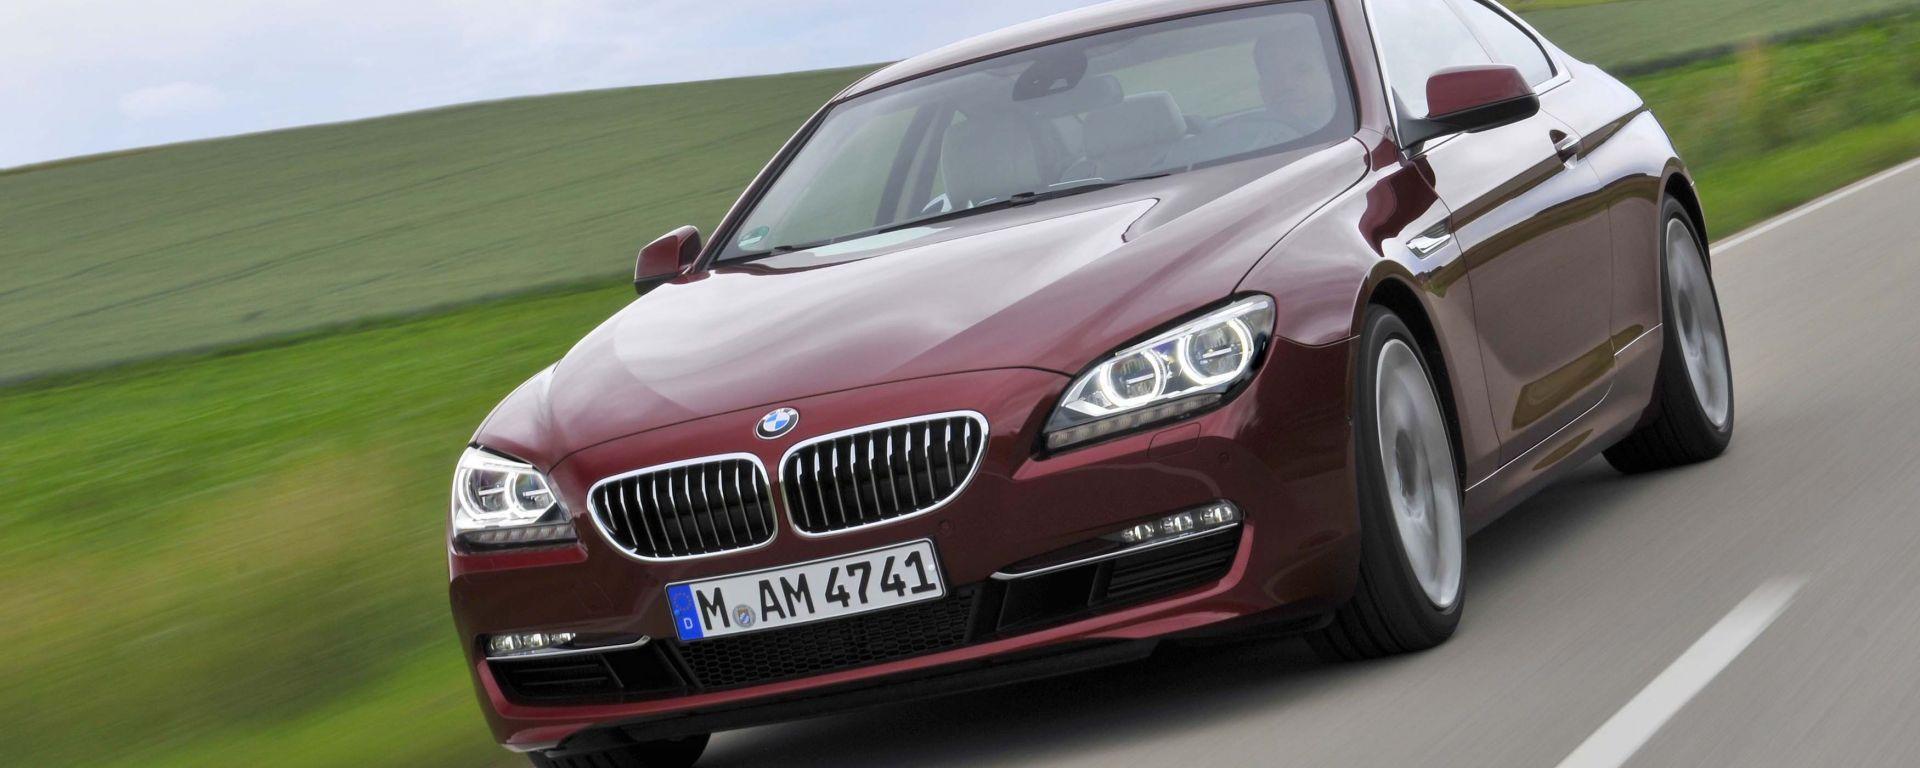 La BMW Serie 6 coupé è andata in pensione